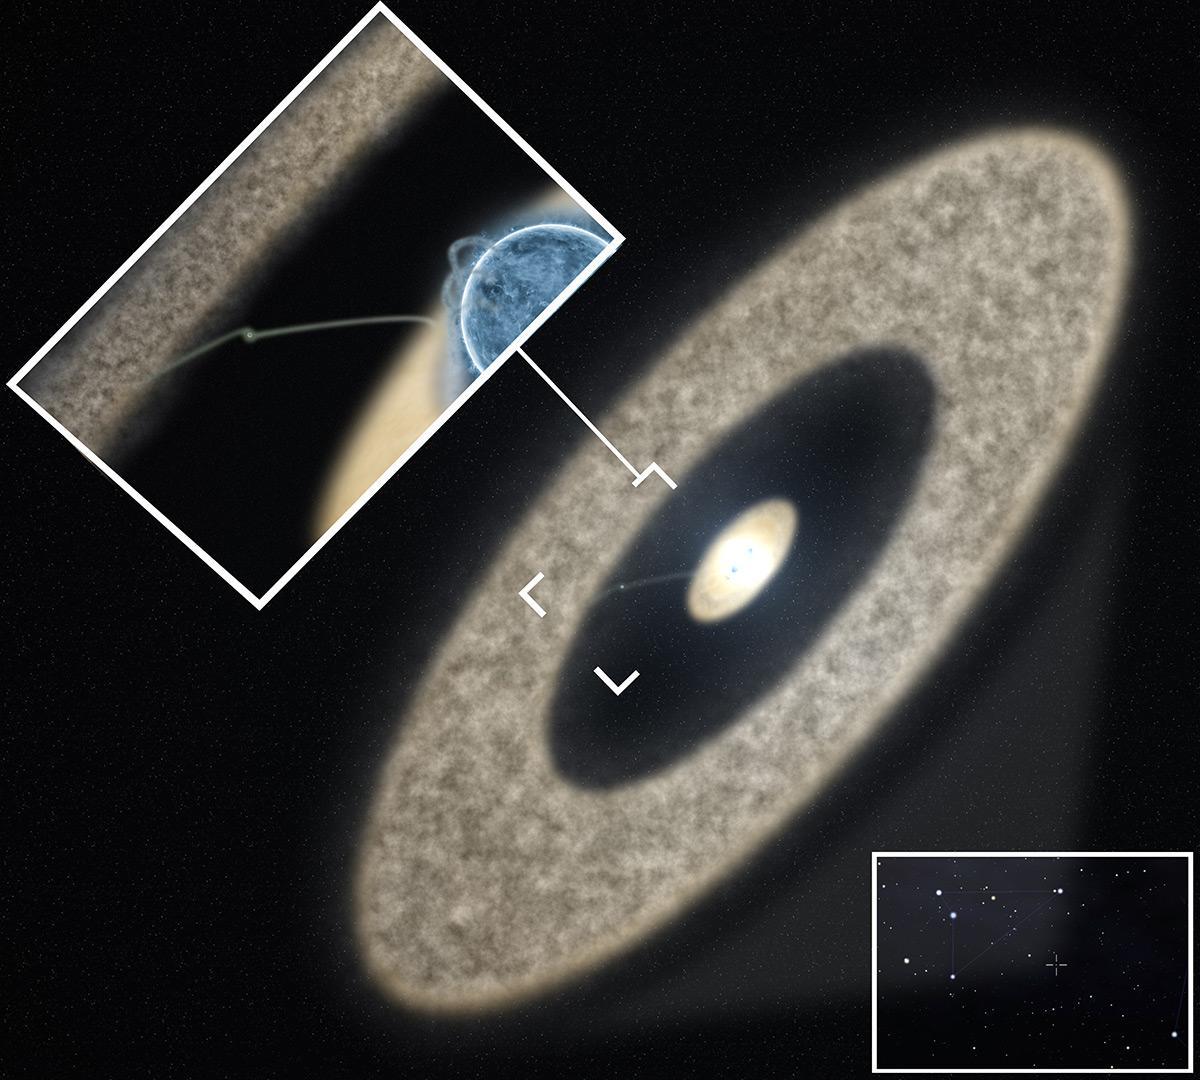 Outra impressão artística do sistema HD 100546, desta vez visto de mais longe. A inserção mostra a primeira imagem, com um planeta que está ainda no processo de formação, e que pode estar impulsionando a transferência de material a partir da parte externa rica em gás do disco para as regiões interiores